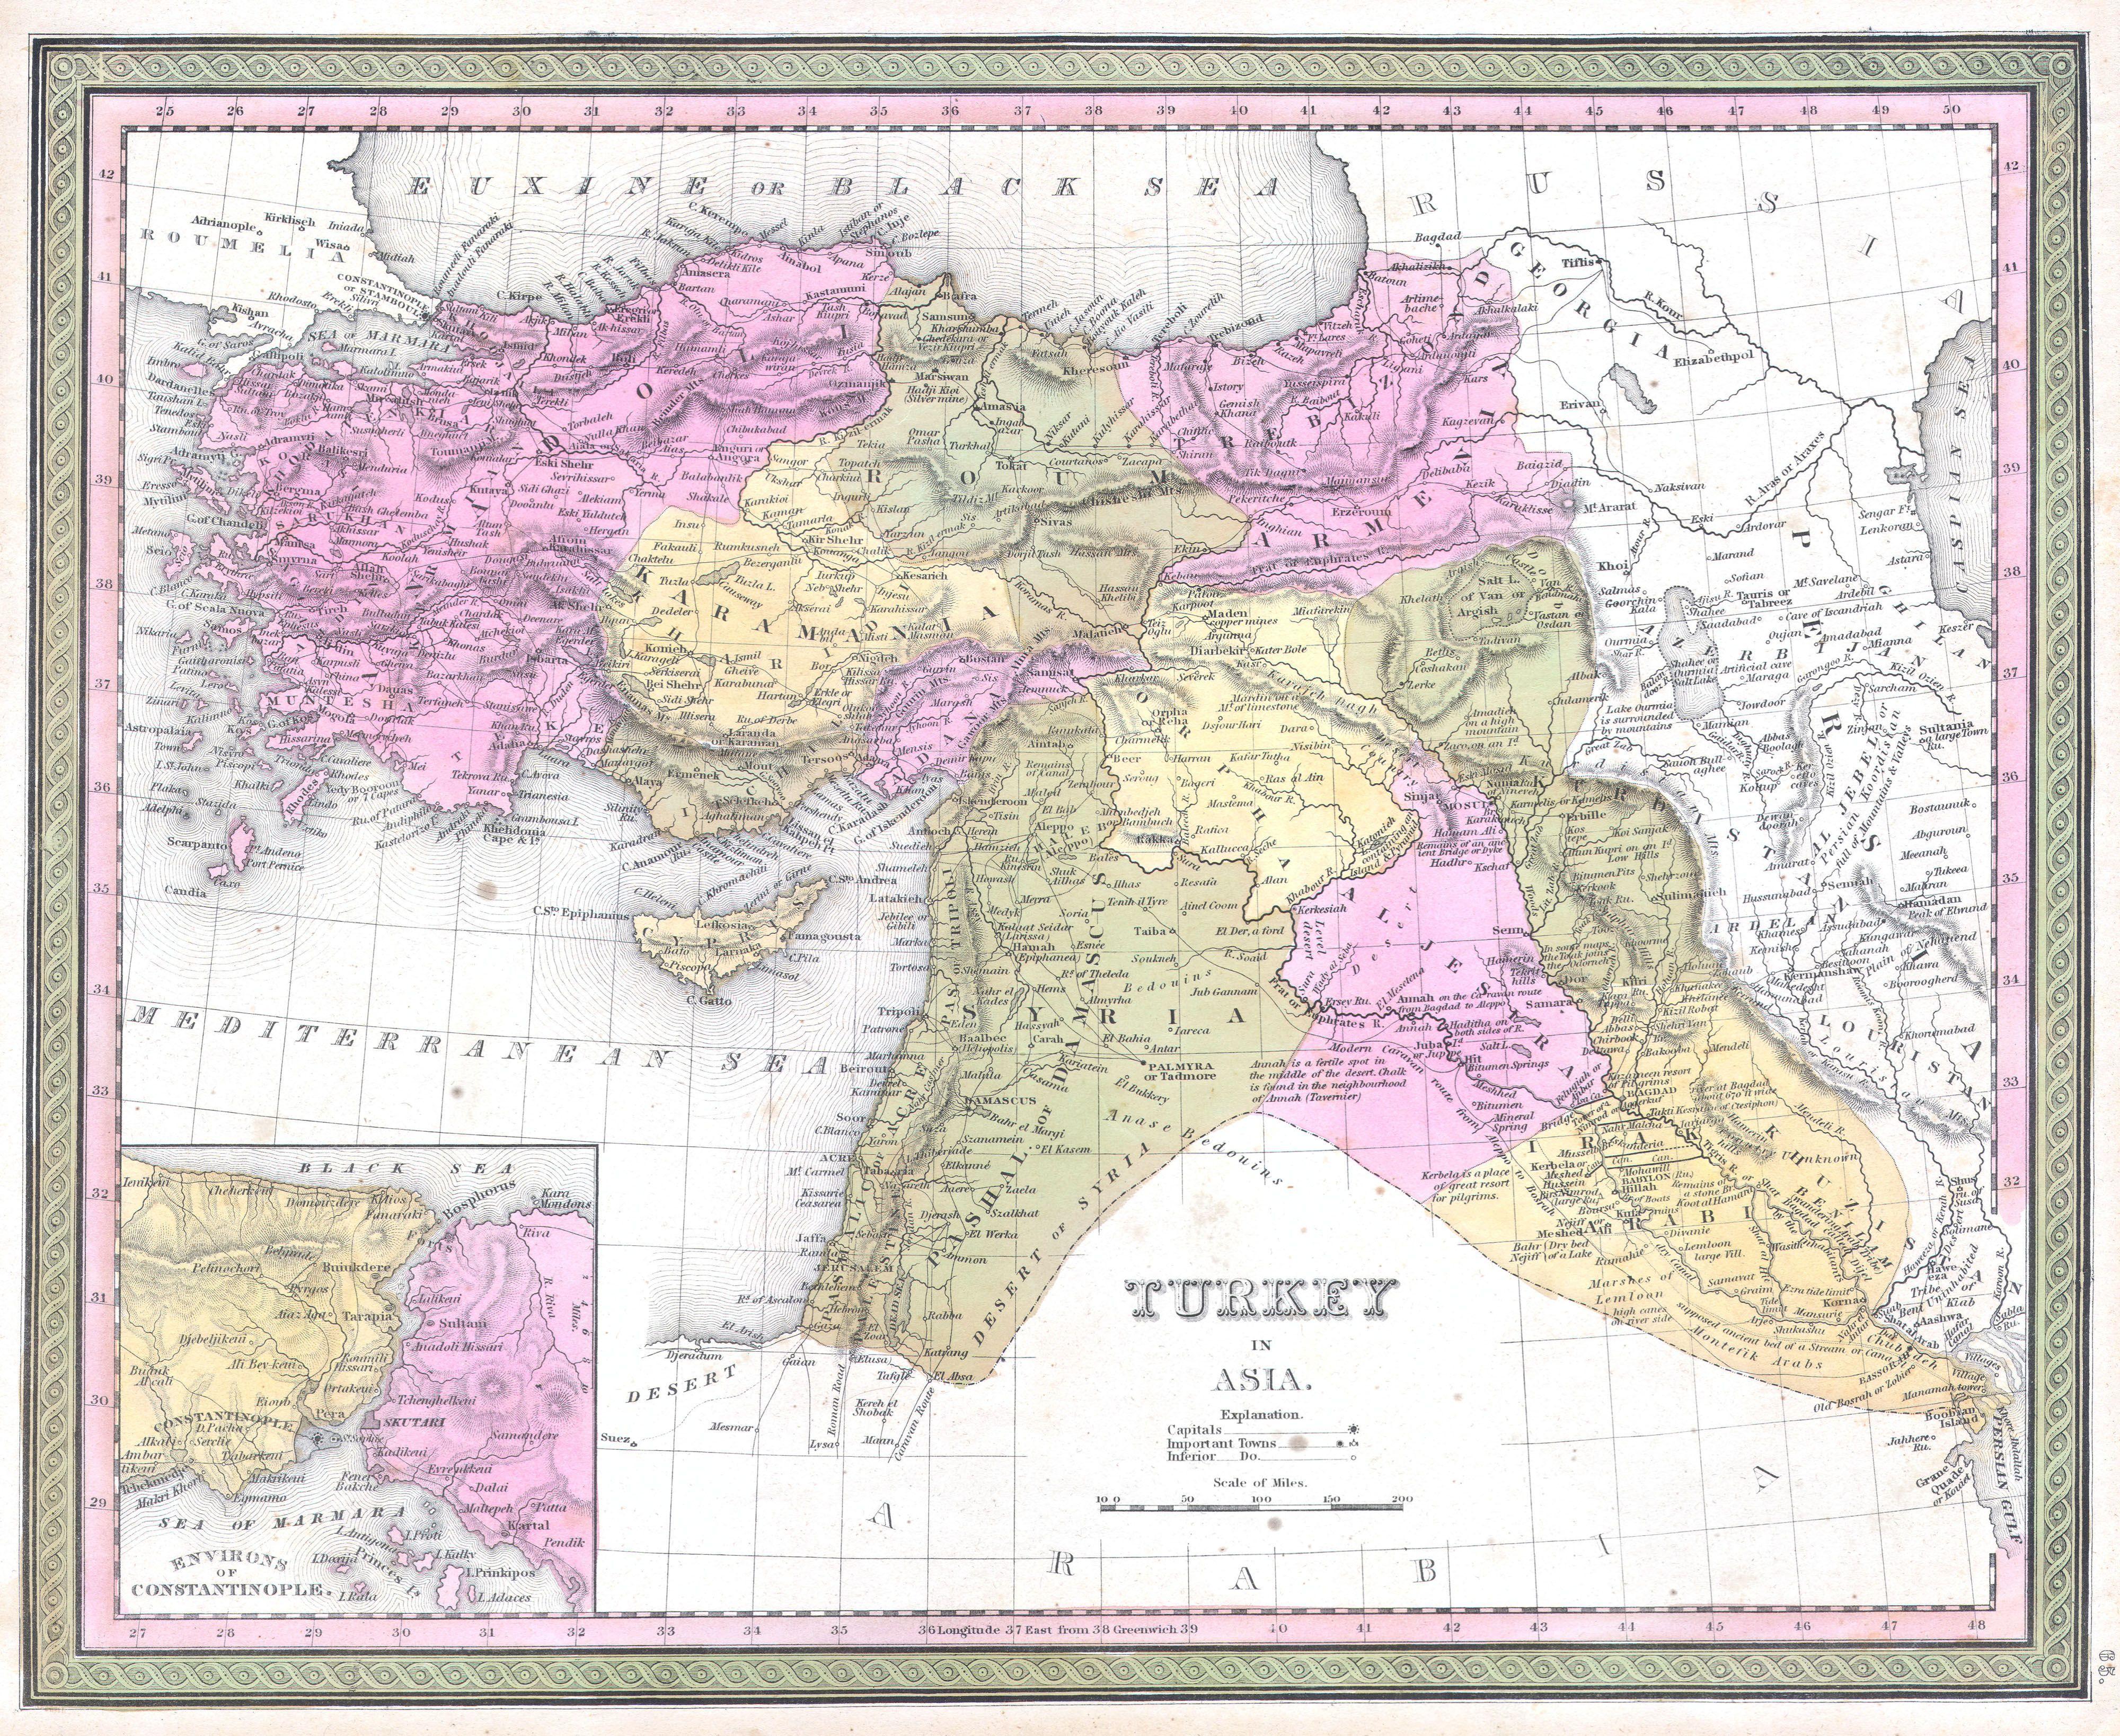 オスマン帝国下の中近東地域 (1849年)